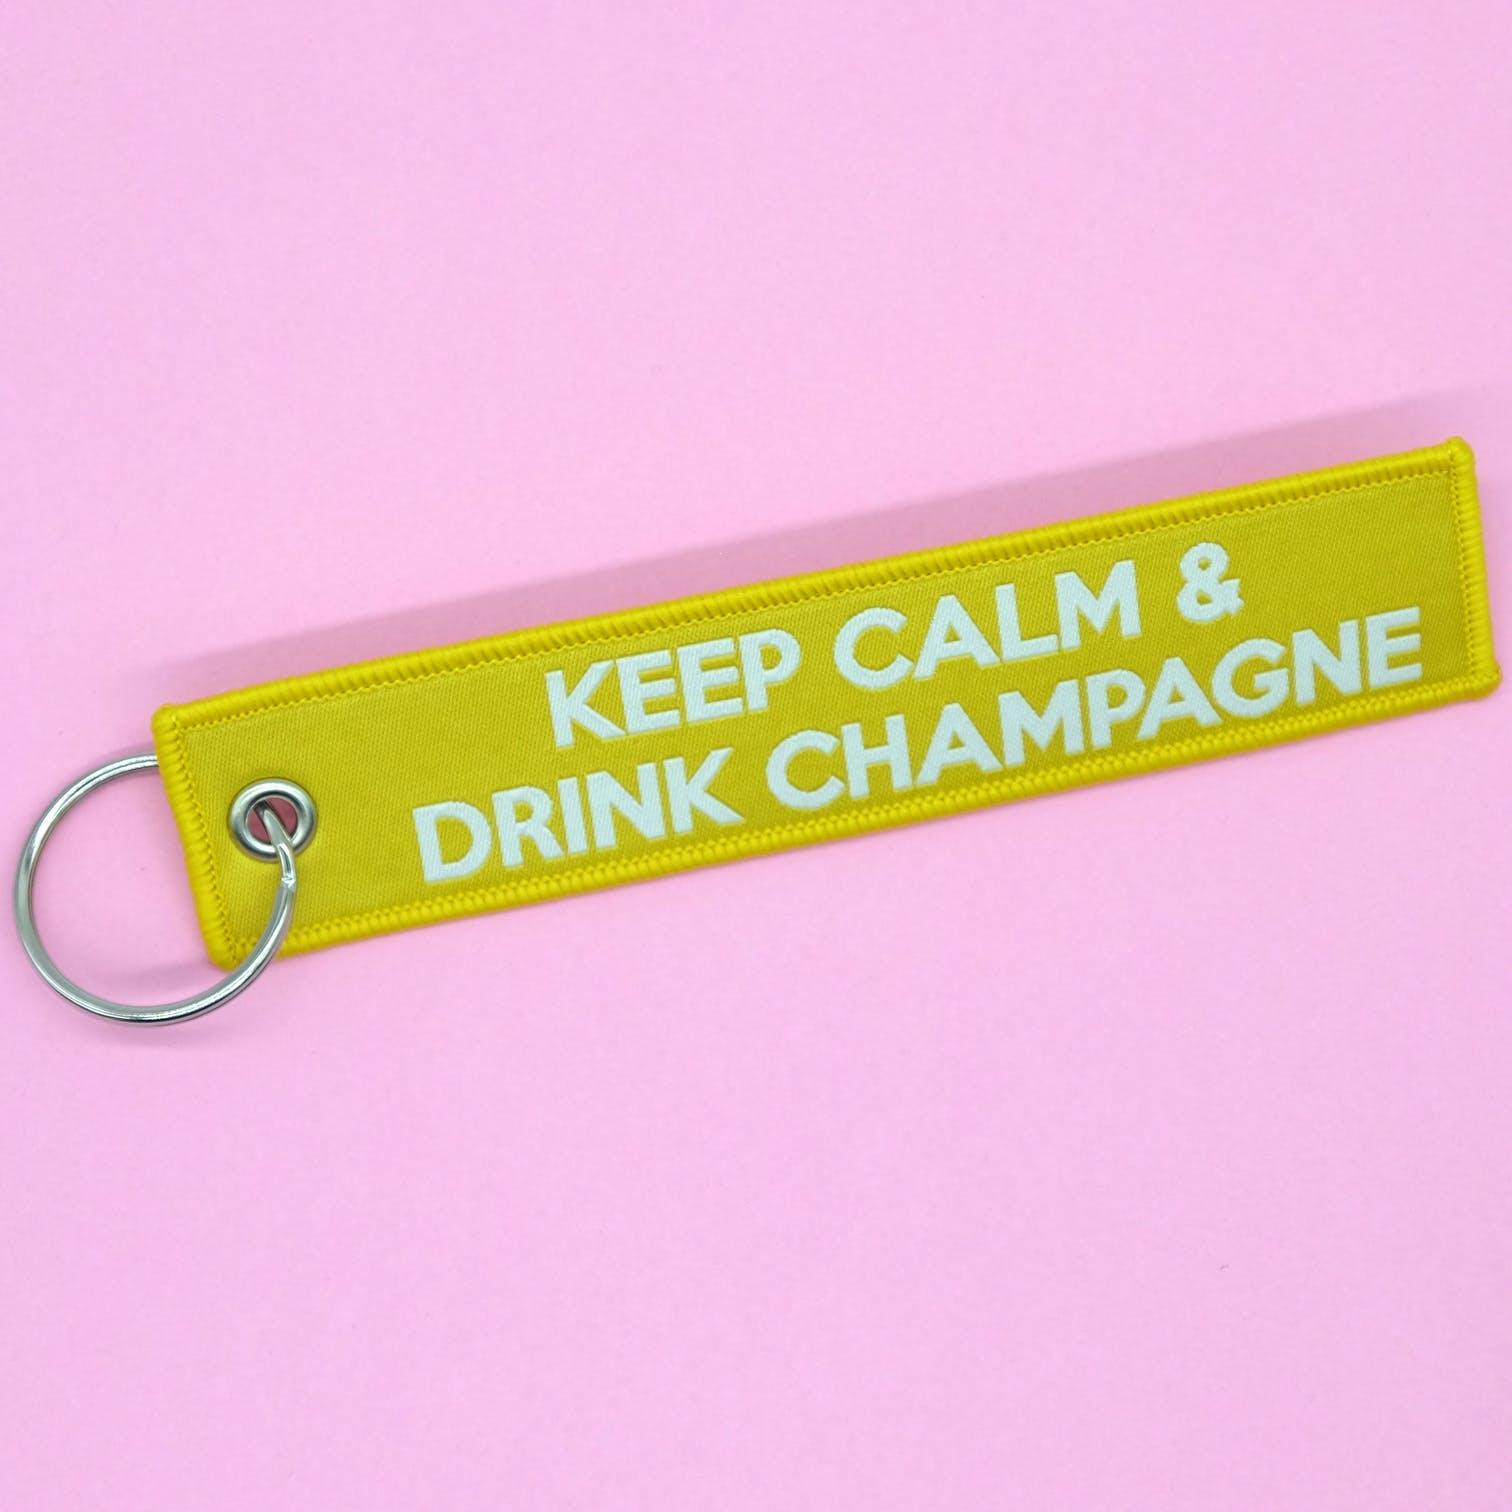 Le porte clefs champagne